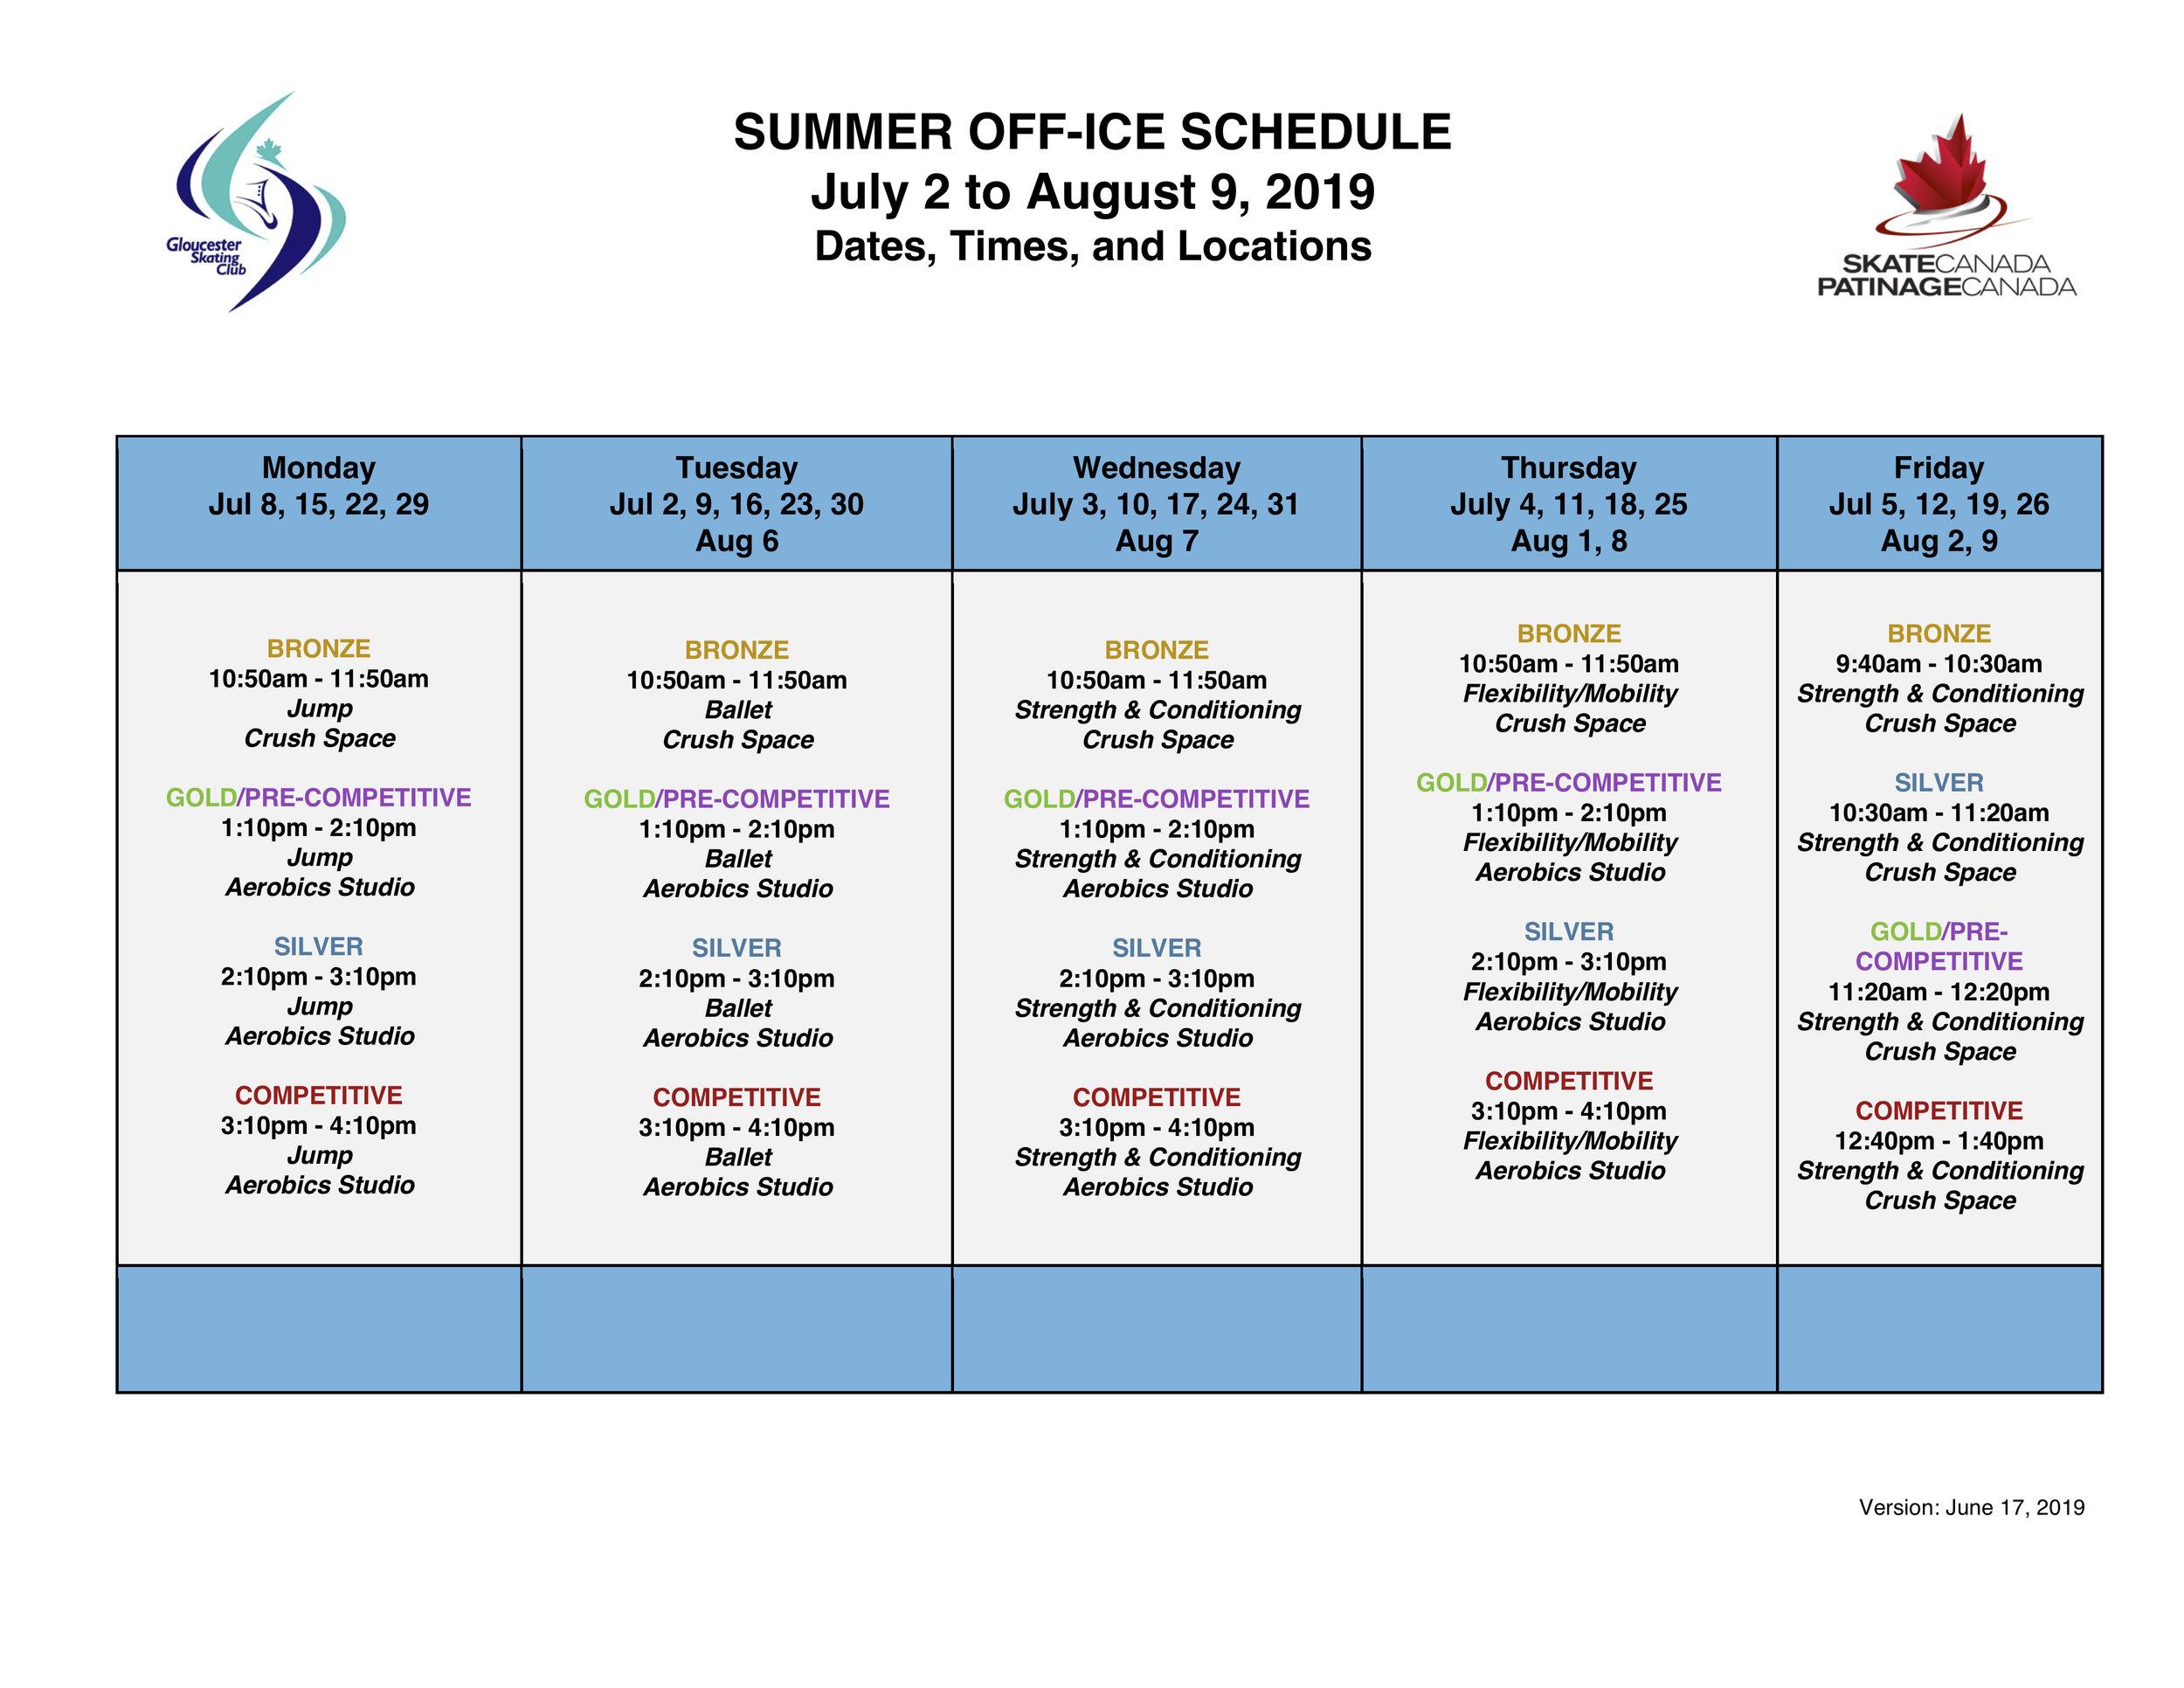 Summer 2019 Off-Ice Schedule 06-17-19 BG.jpg